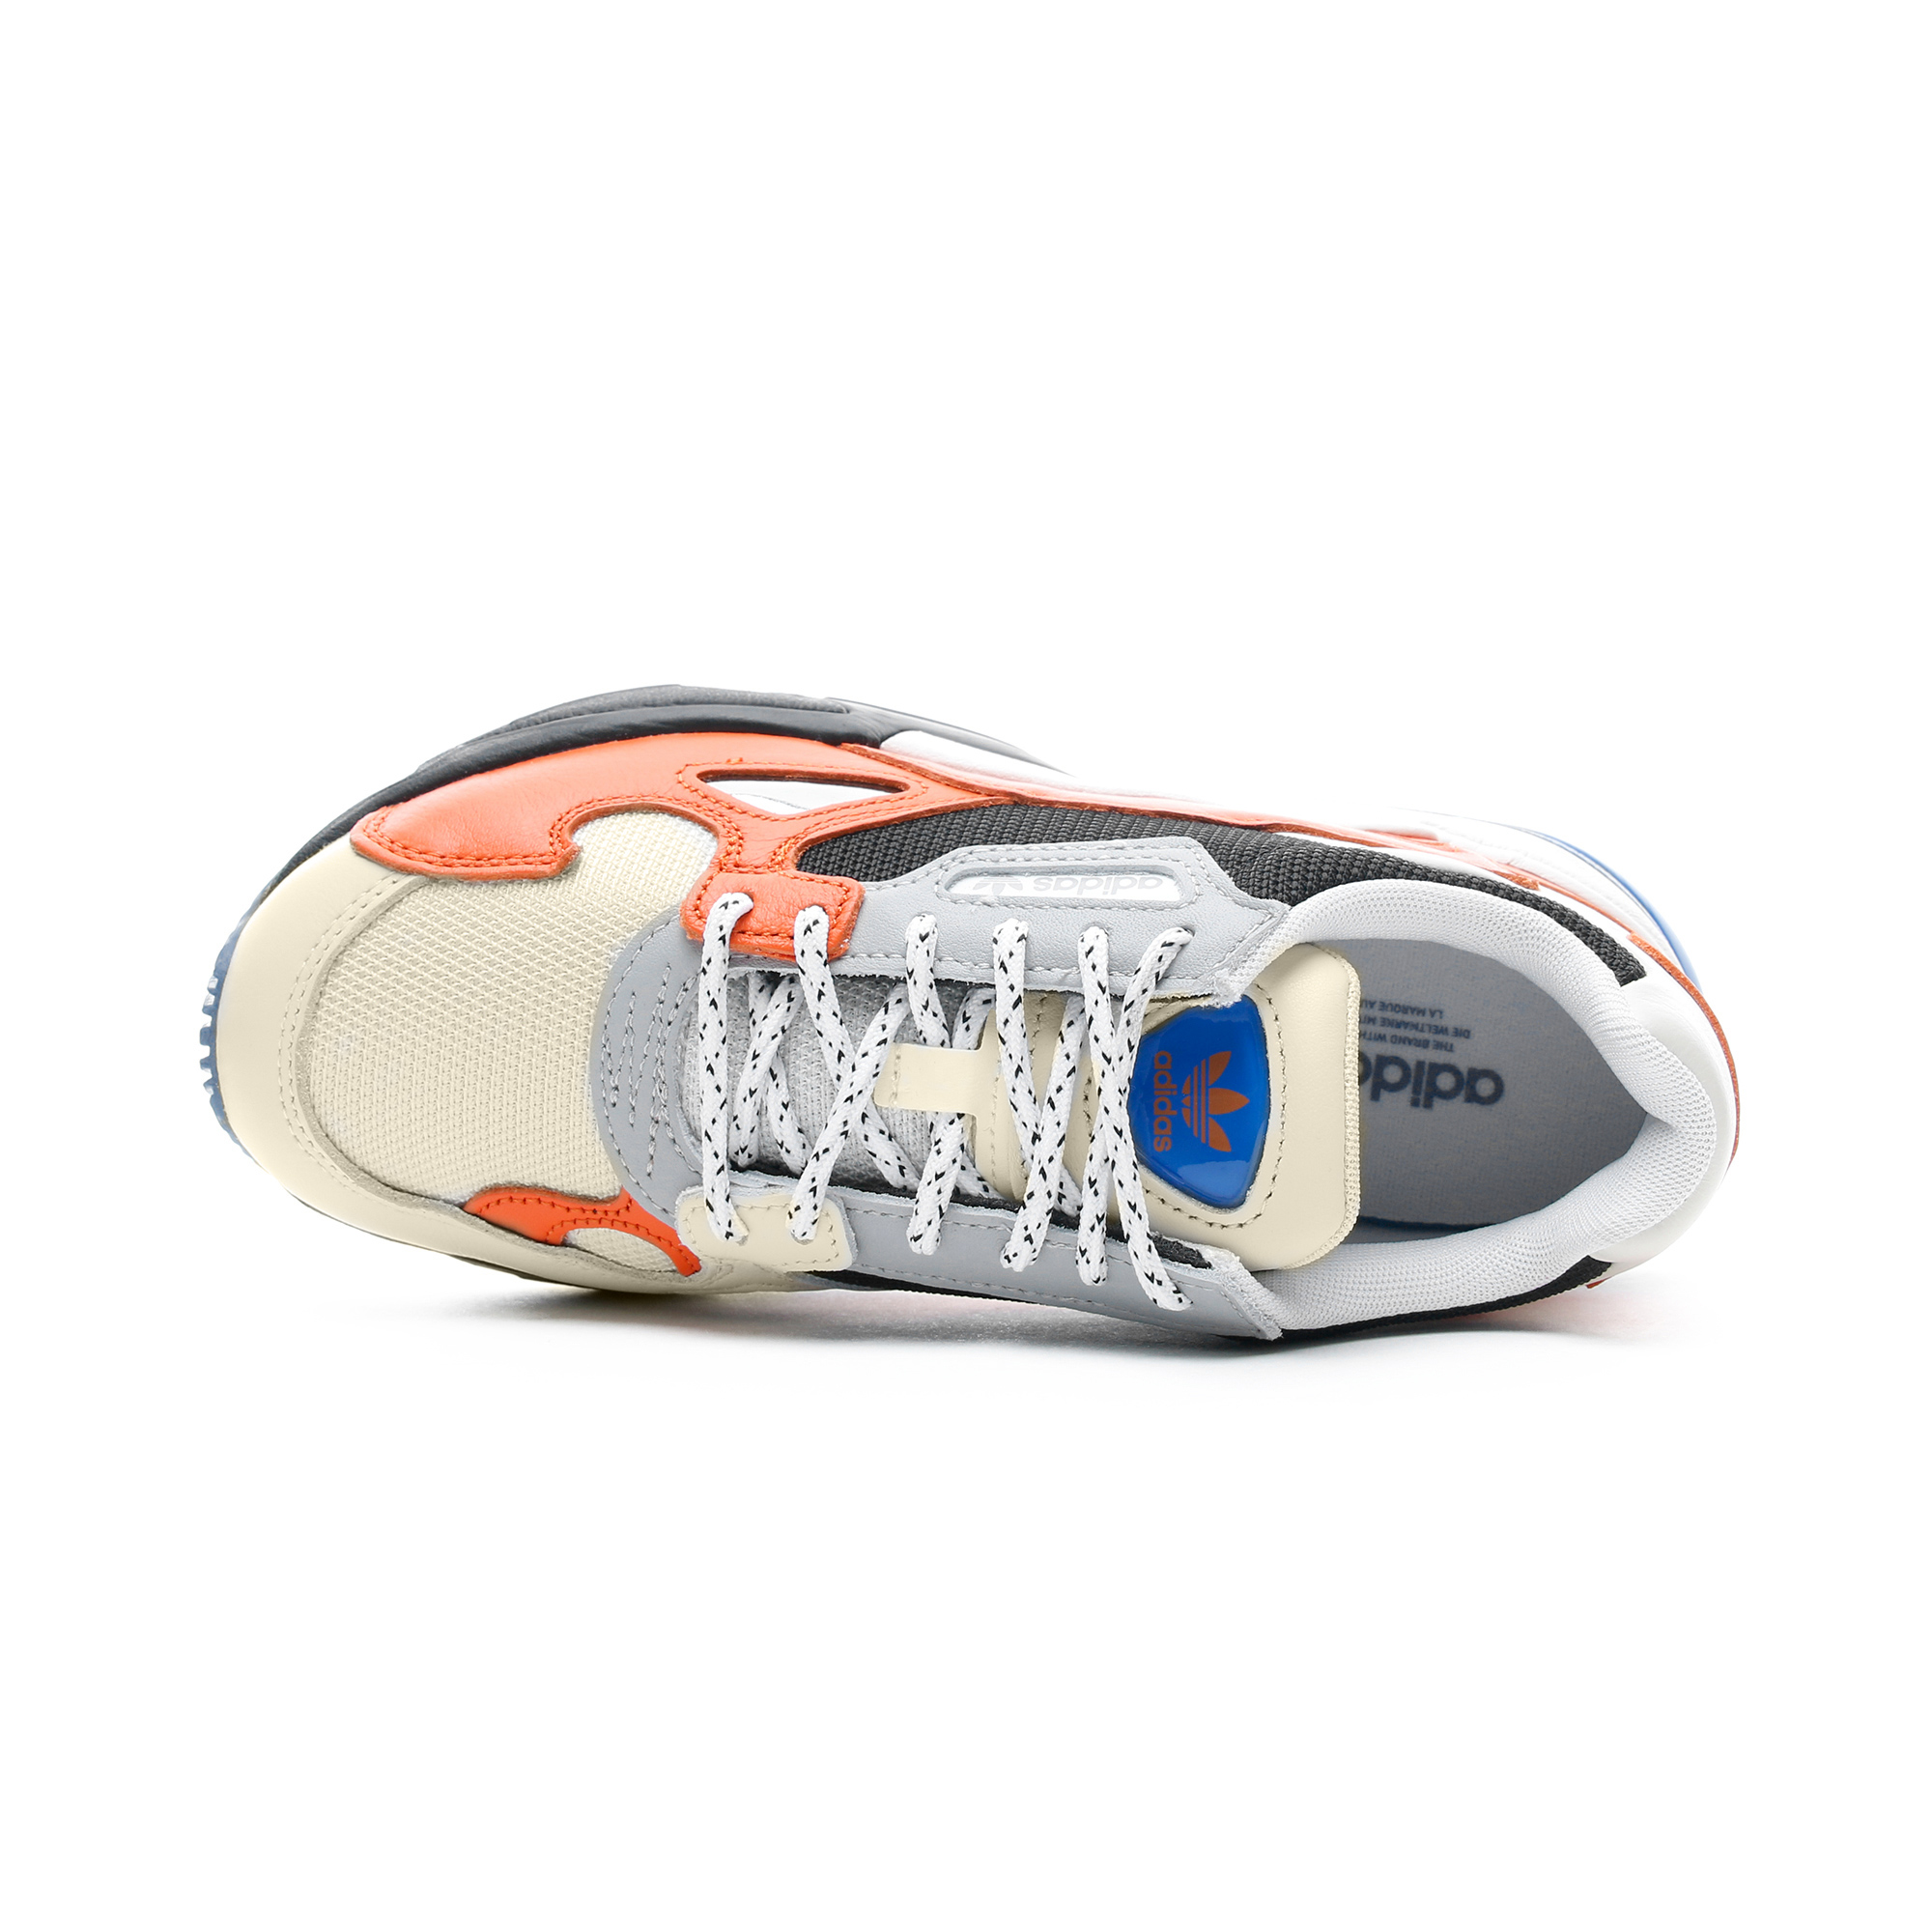 adidas Falcon Kadın Turuncu - Siyah Spor Ayakkabı